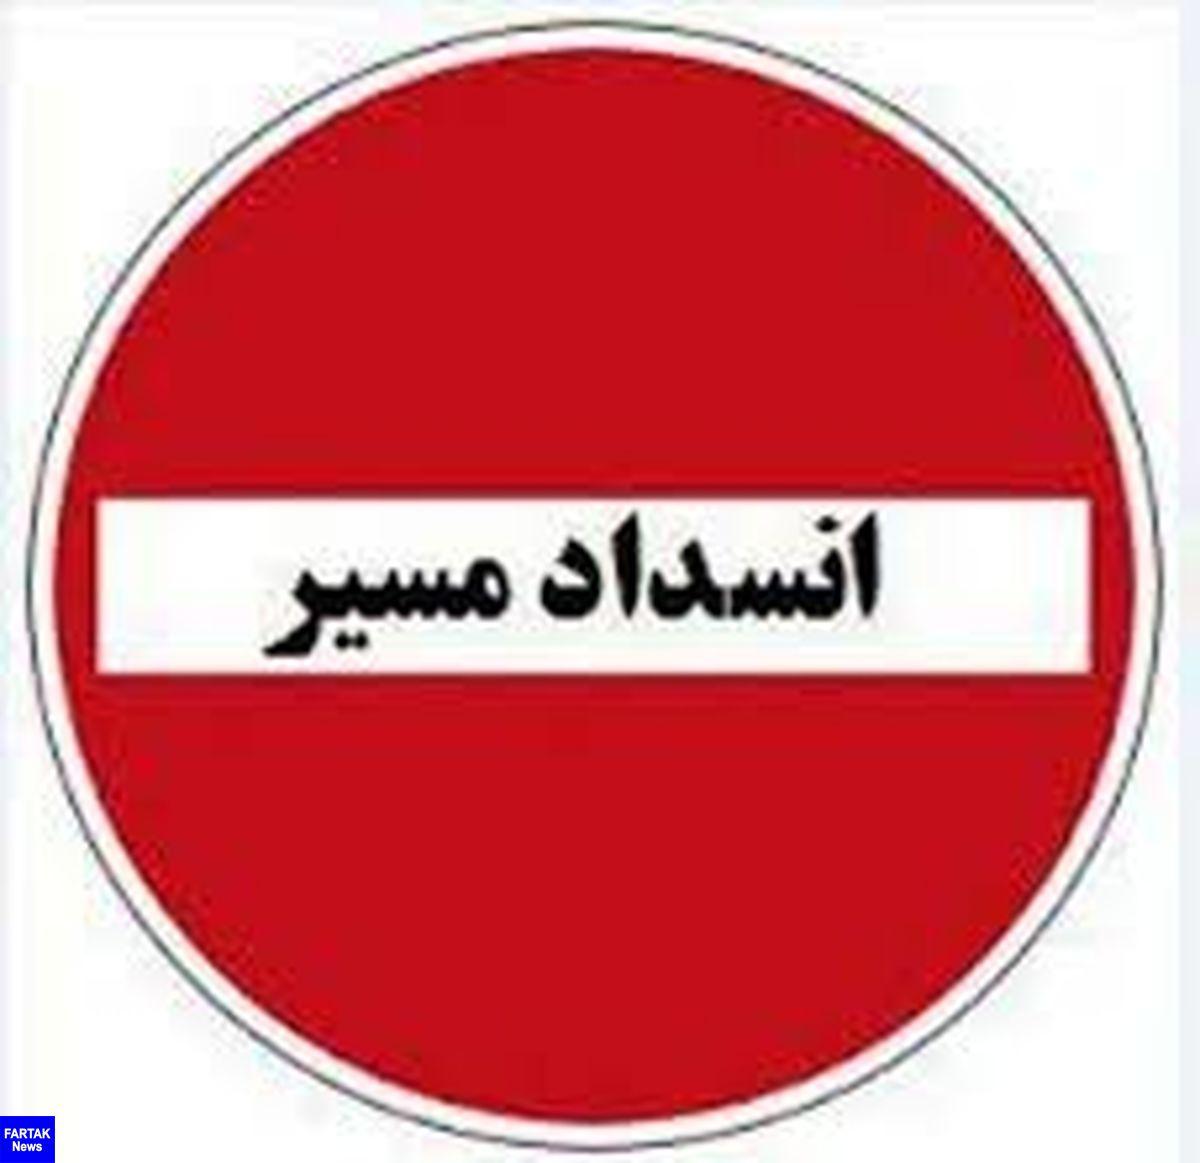 تردد از مسیر گردنه تته کردستان به استان کرمانشاه ممنوع شد